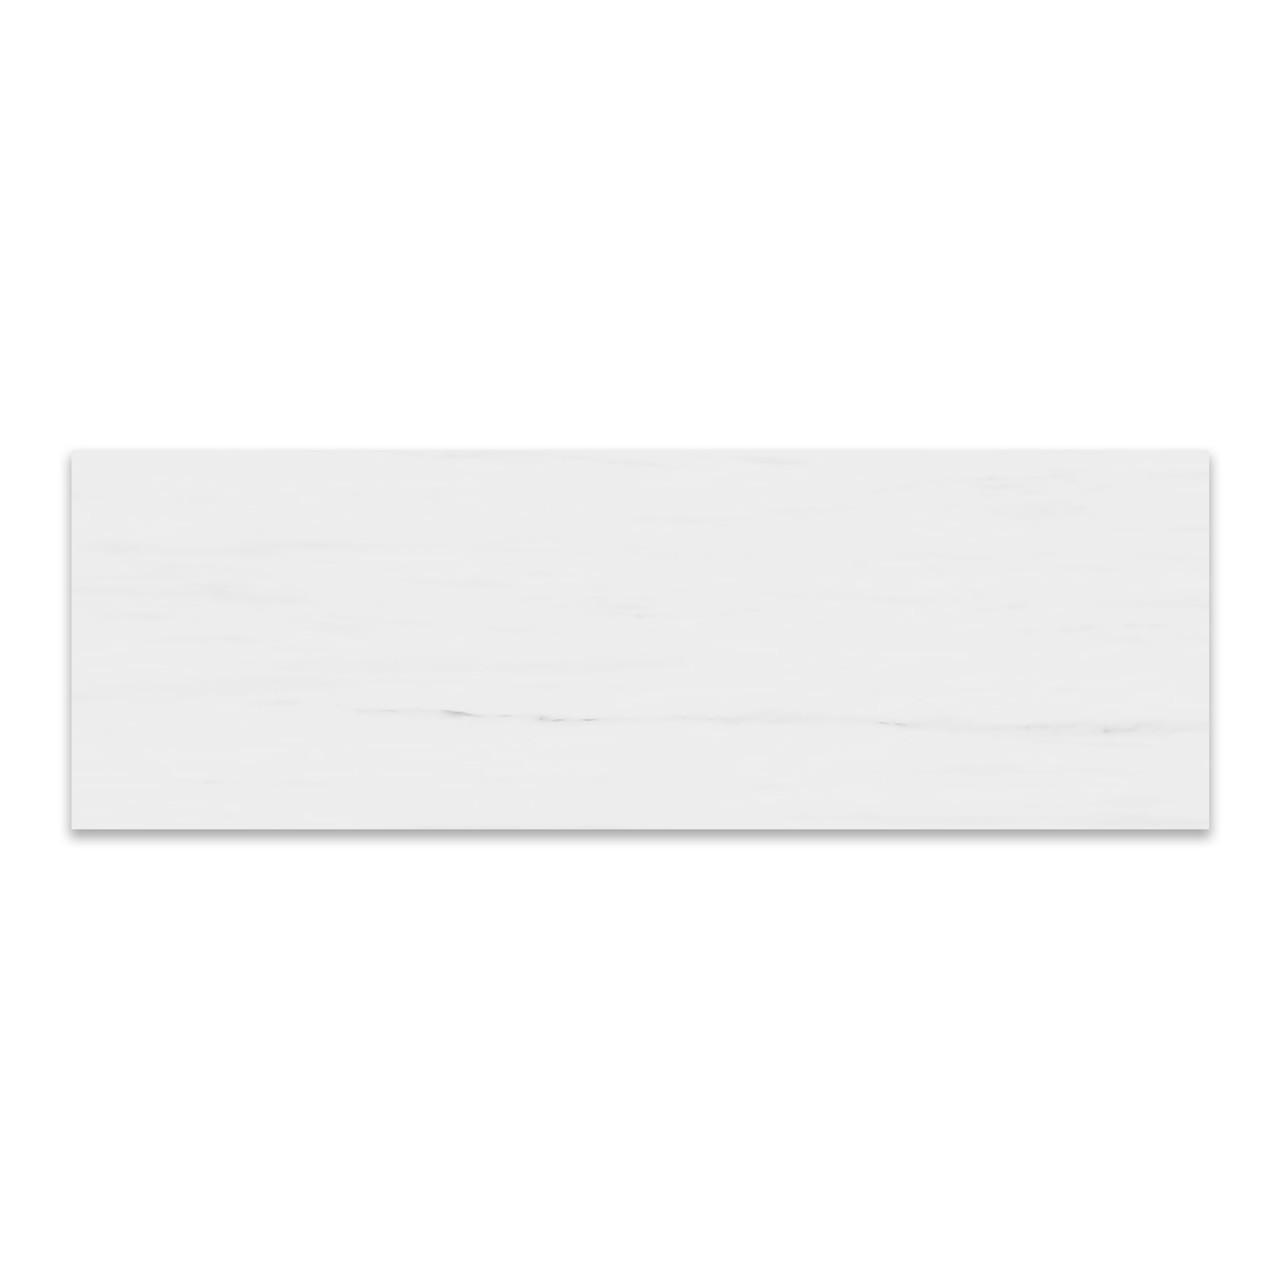 4x12 bianco dolomite marble subway tile honed